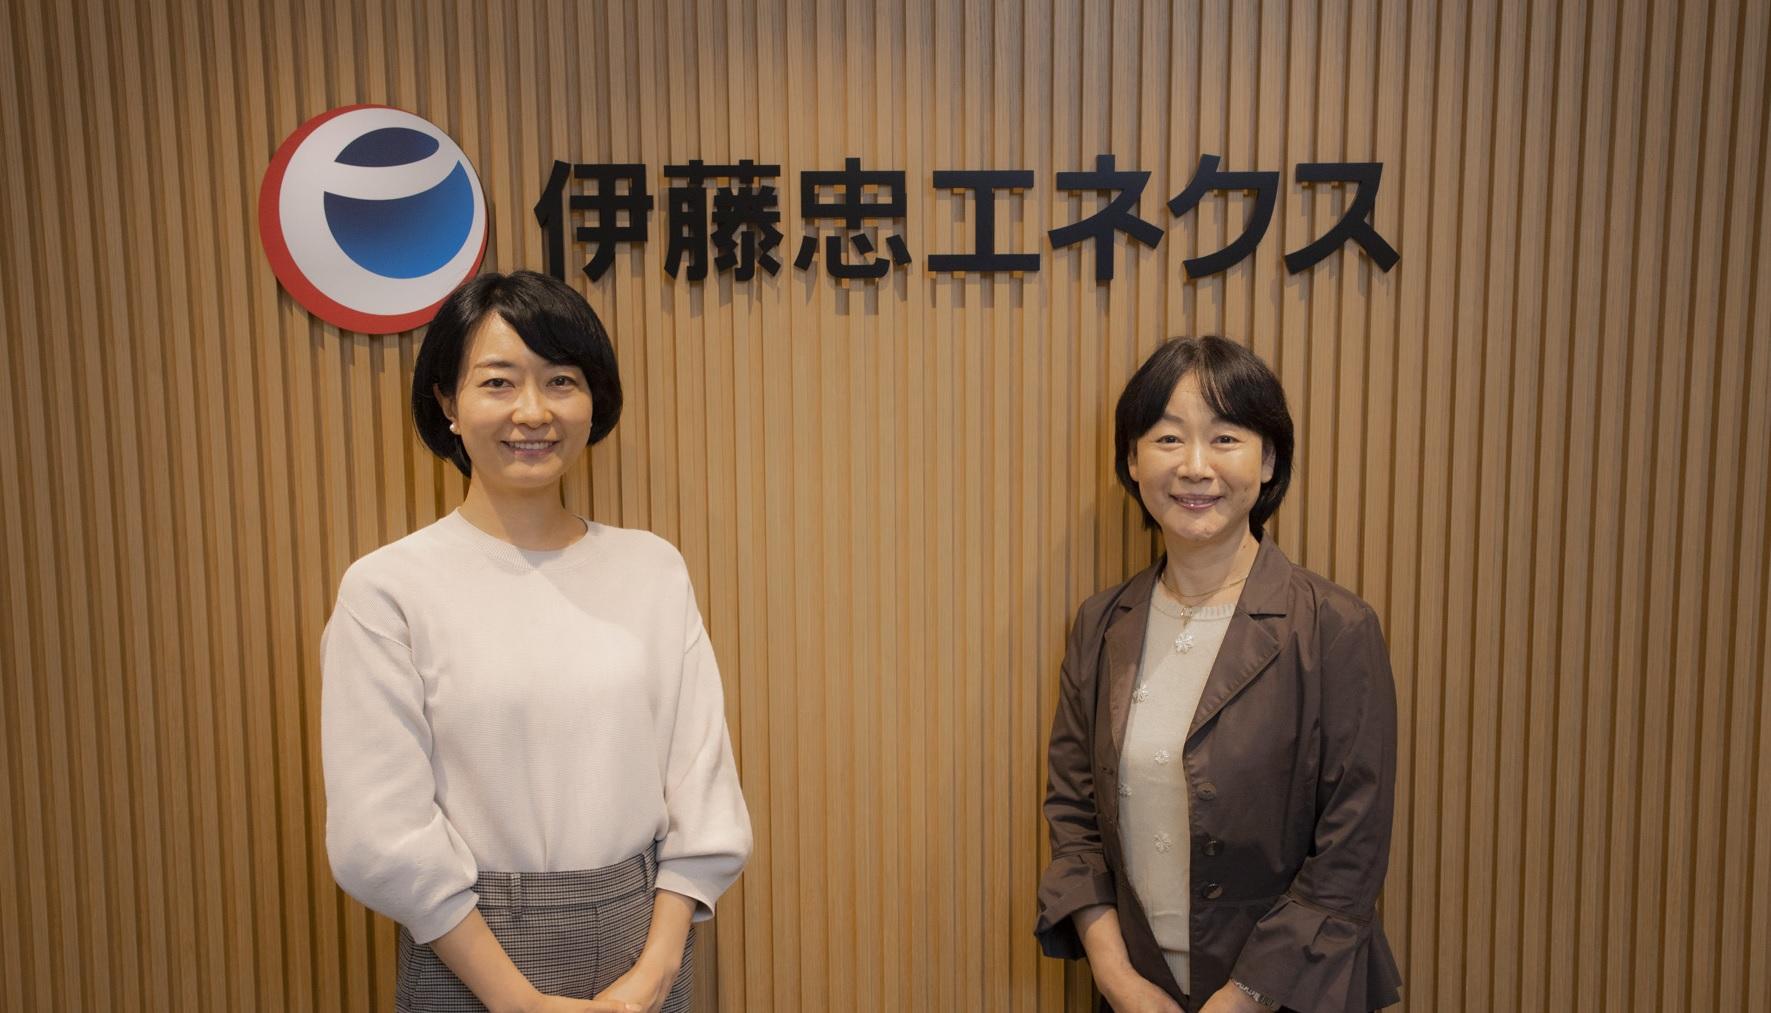 伊藤忠エネクス株式会社様 サムネイル画像